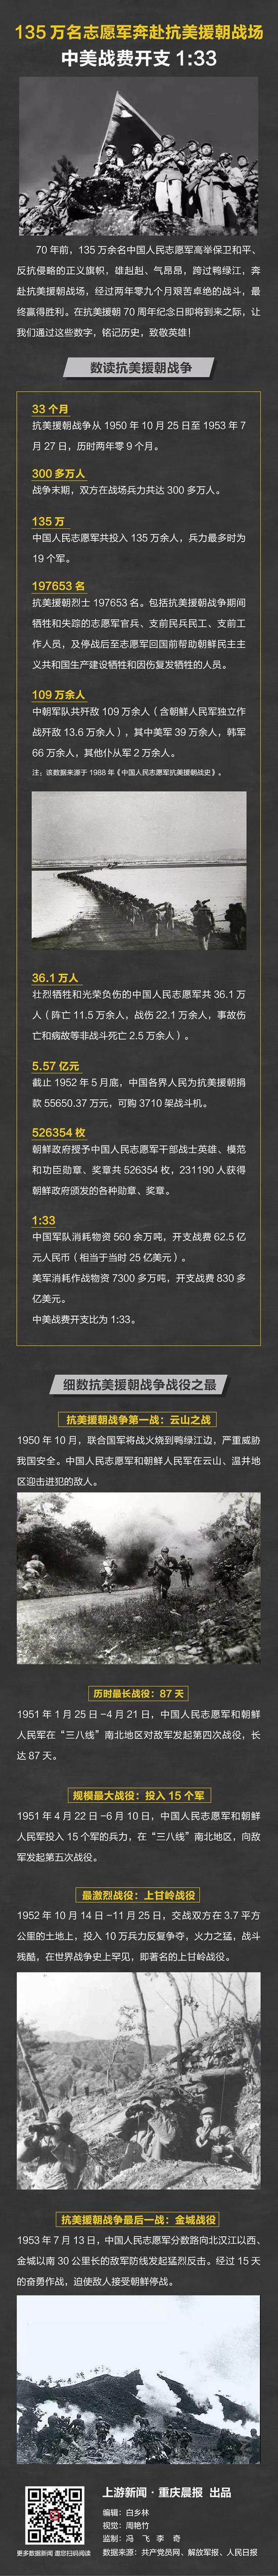 135万名志愿军奔赴抗美援朝战场,中美战费开支1:33图片